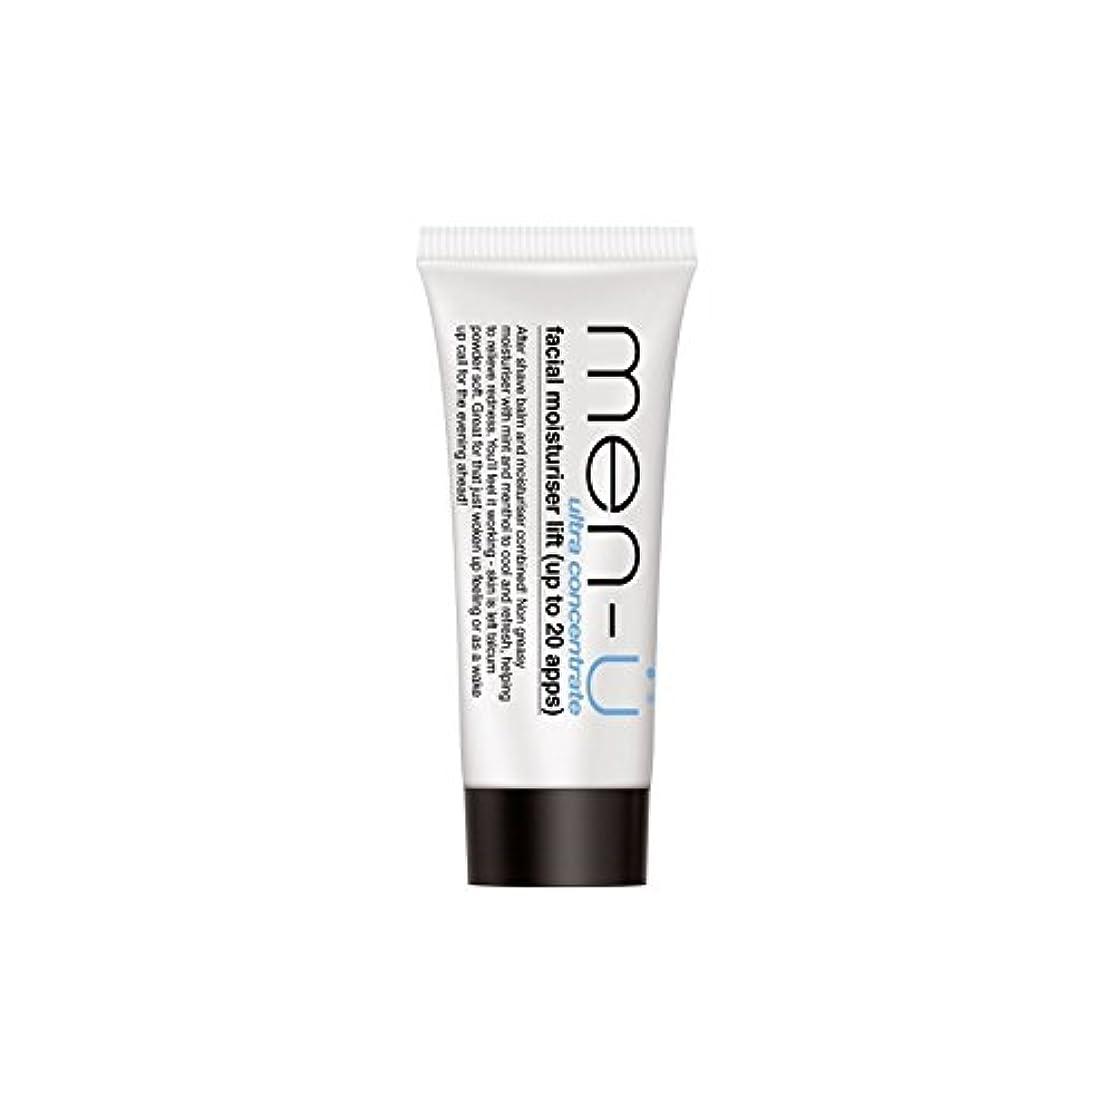 フィードオン年悪化する男性-のバディ顔の保湿剤のリフトチューブ(15ミリリットル) x4 - Men-? Buddy Facial Moisturiser Lift Tube (15ml) (Pack of 4) [並行輸入品]